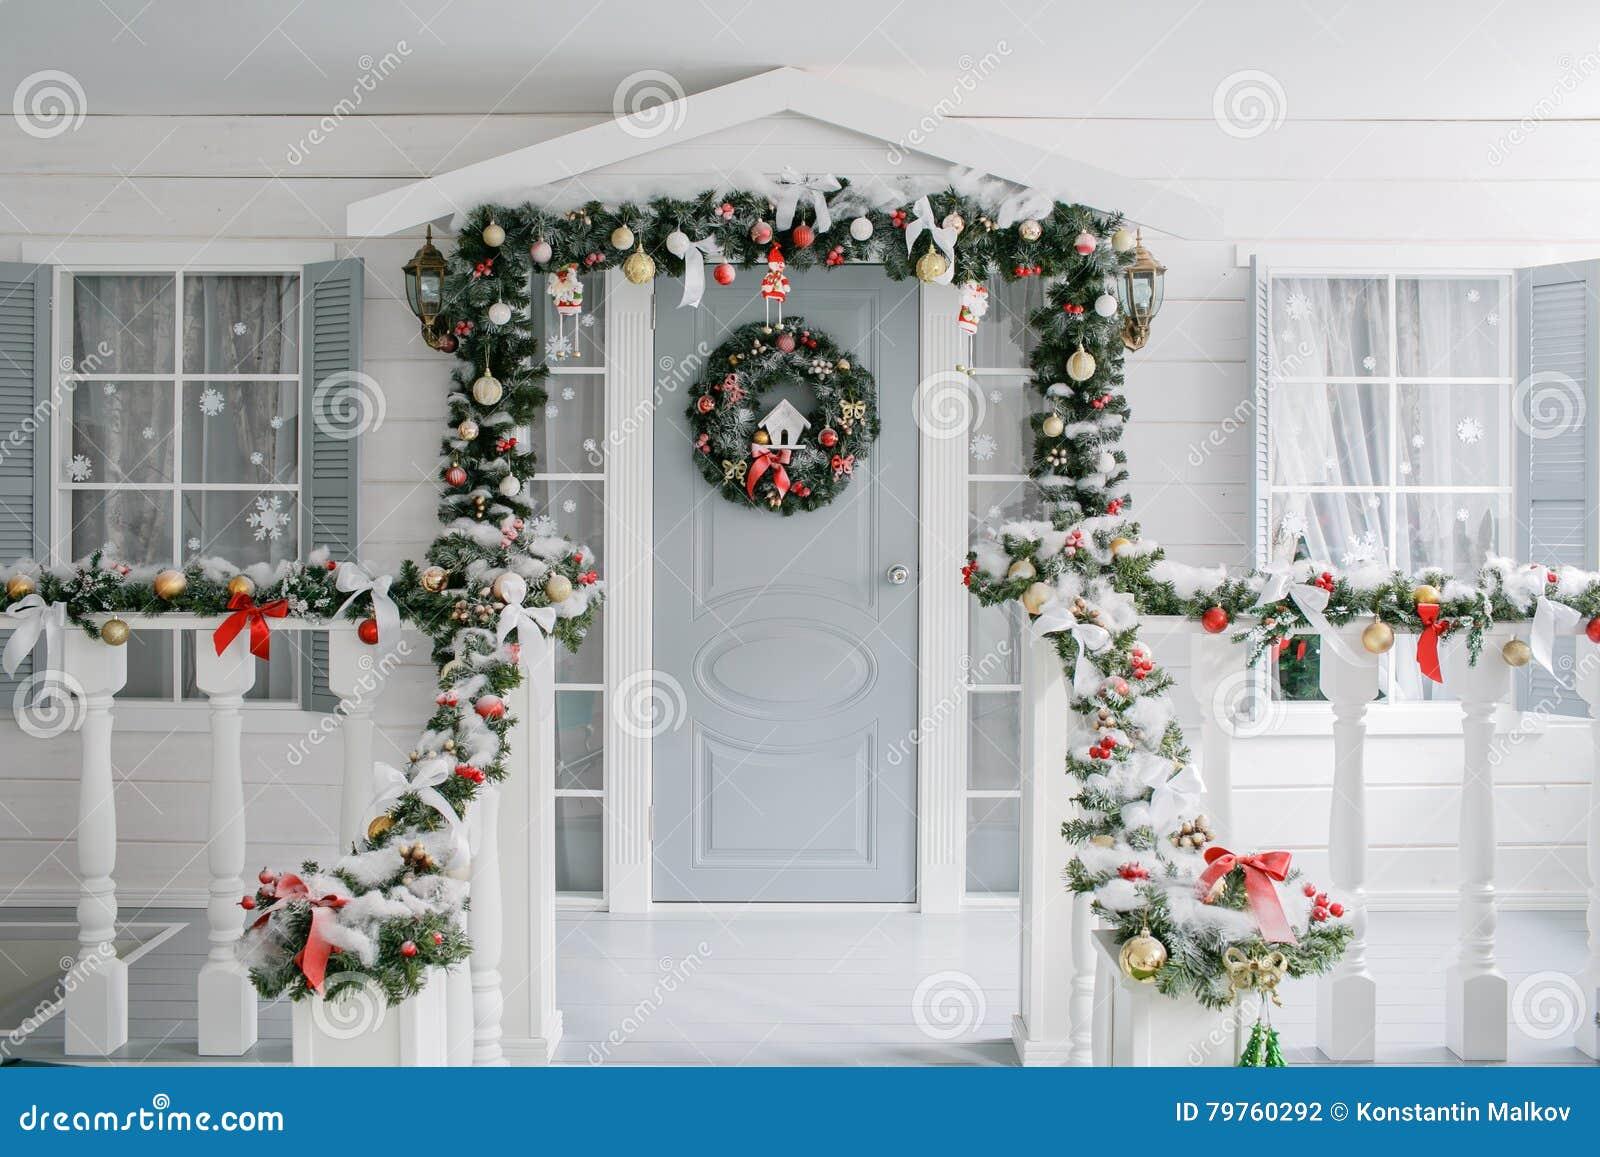 Snowy-Winterwald und knorrige breite Spuren klassische Luxuswohnungen mit einem weißen Kamin, verzierter Baum, helles Sofa, große